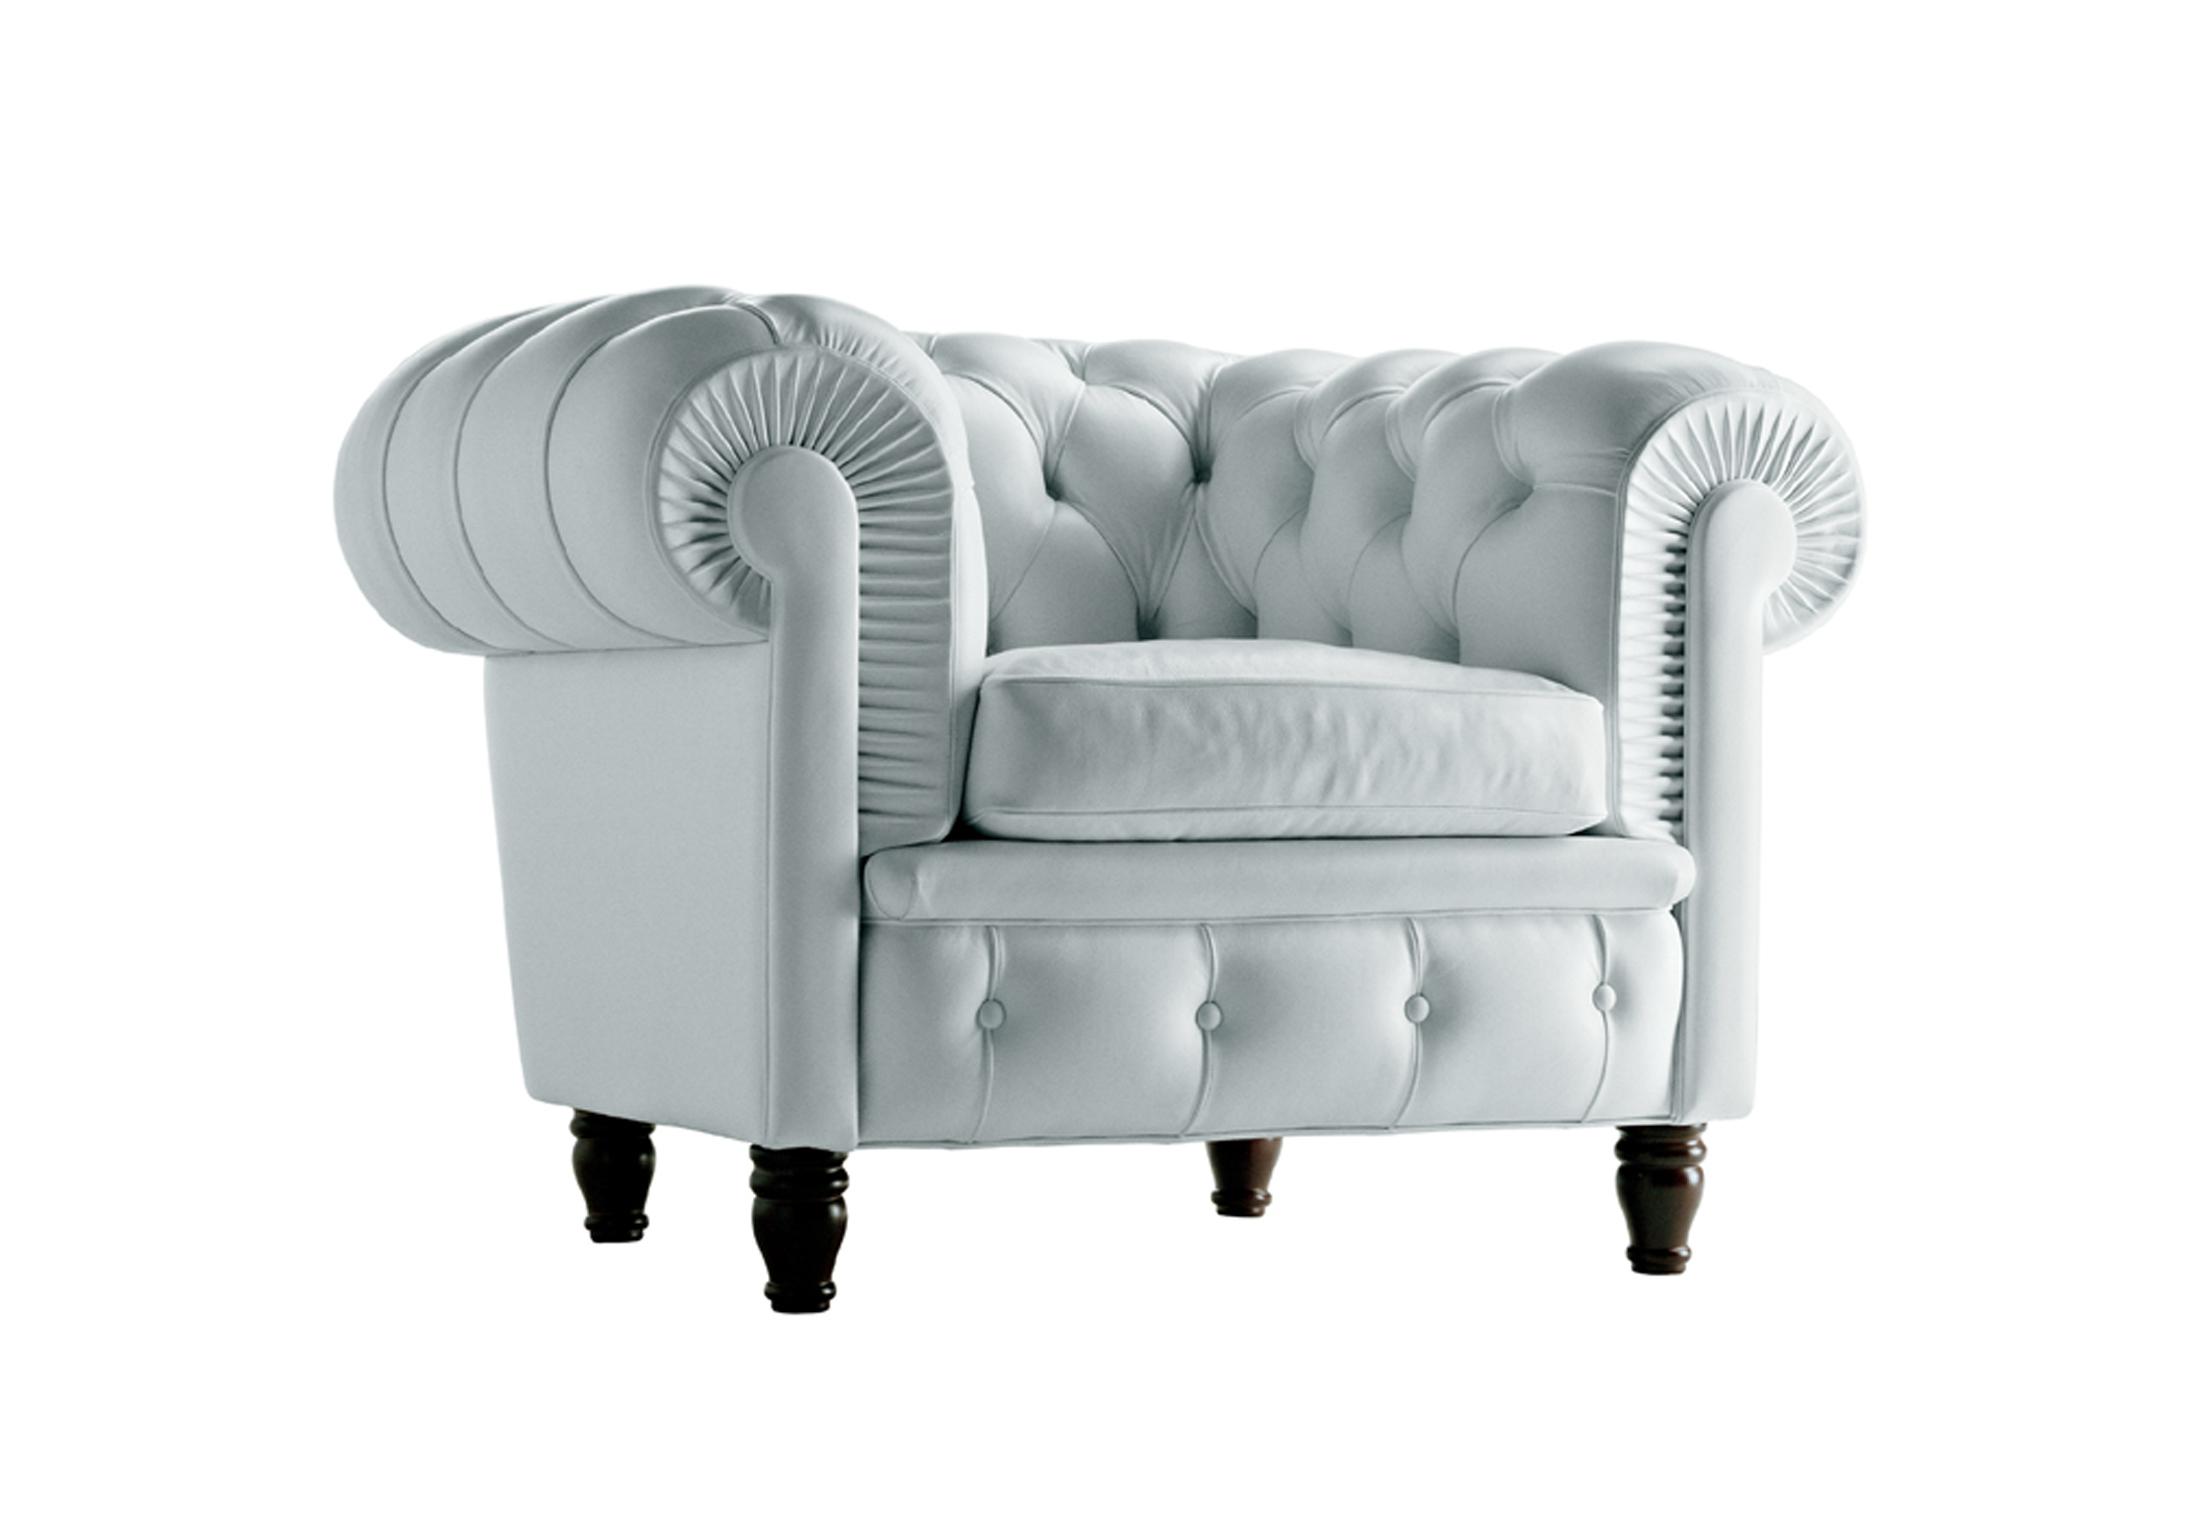 Chester One armchair by Poltrona Frau   STYLEPARK